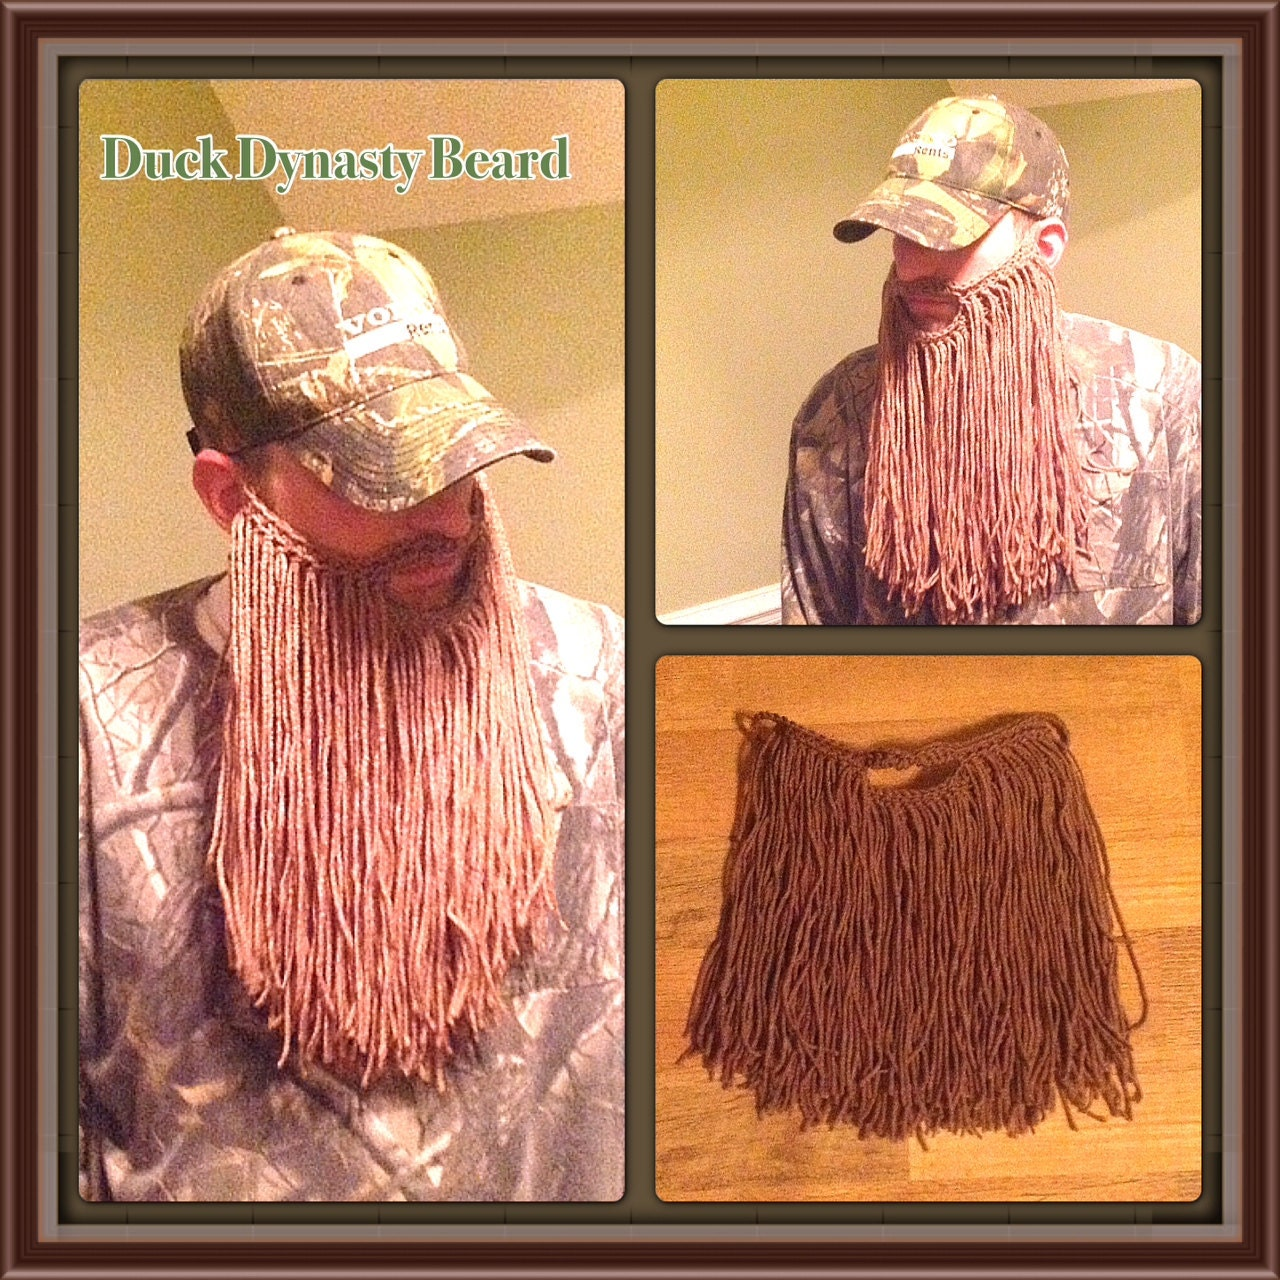 Duck Dynasty Crochet Beard Pattern